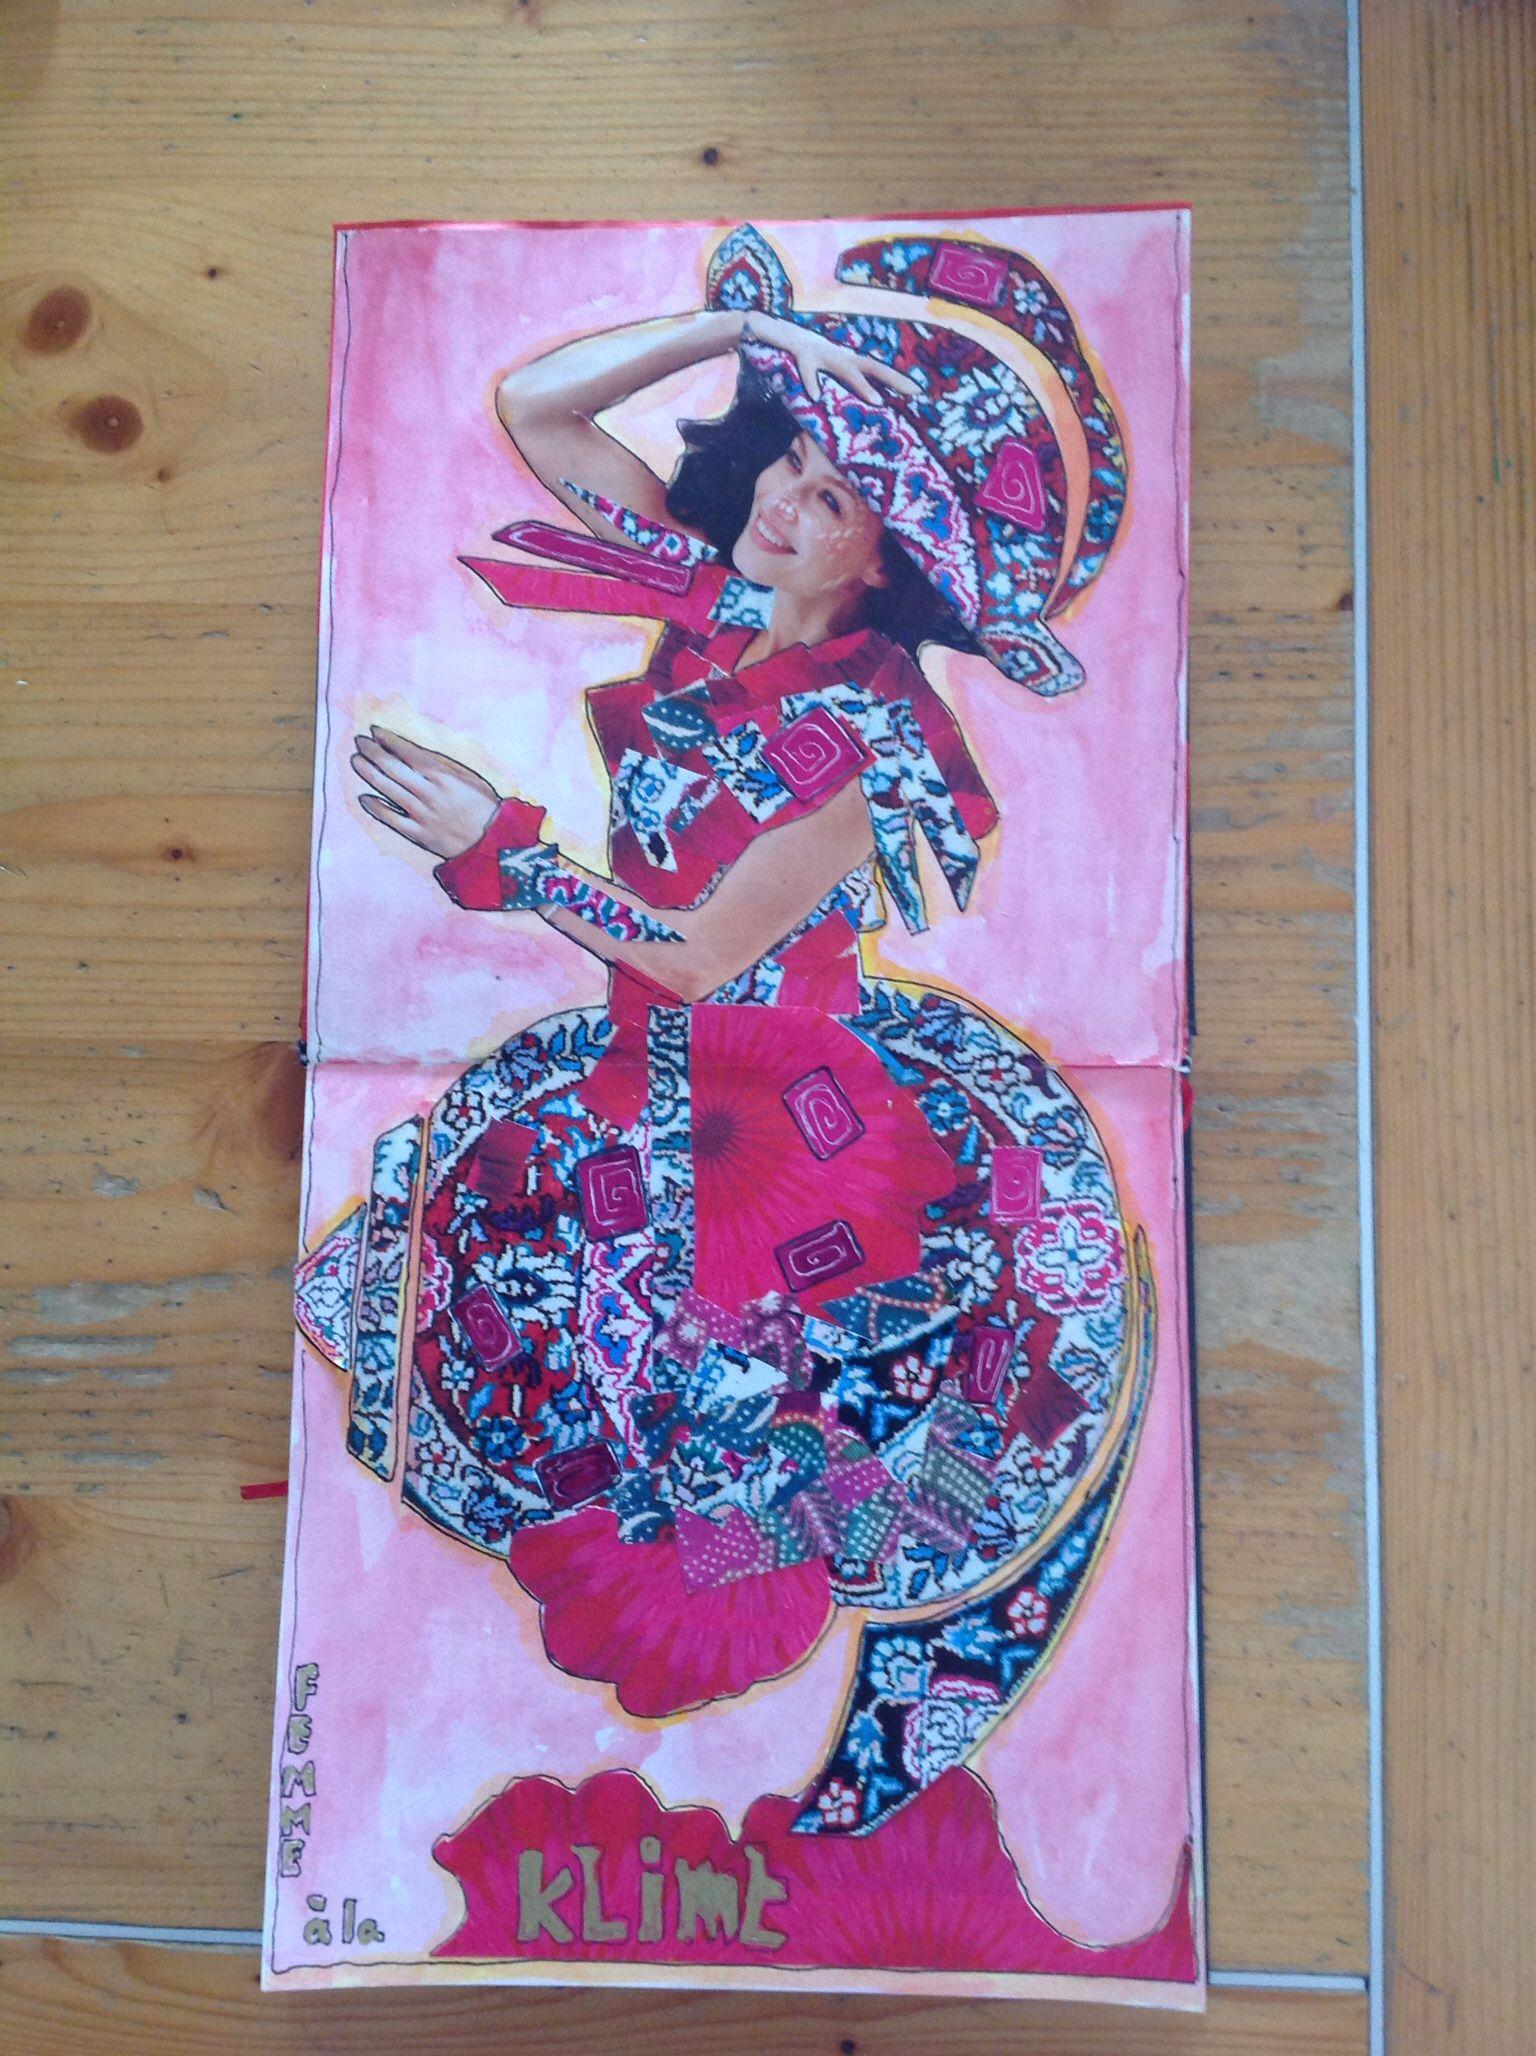 Femme a la Klimt! Mozaïek  - collage! Made by Simone